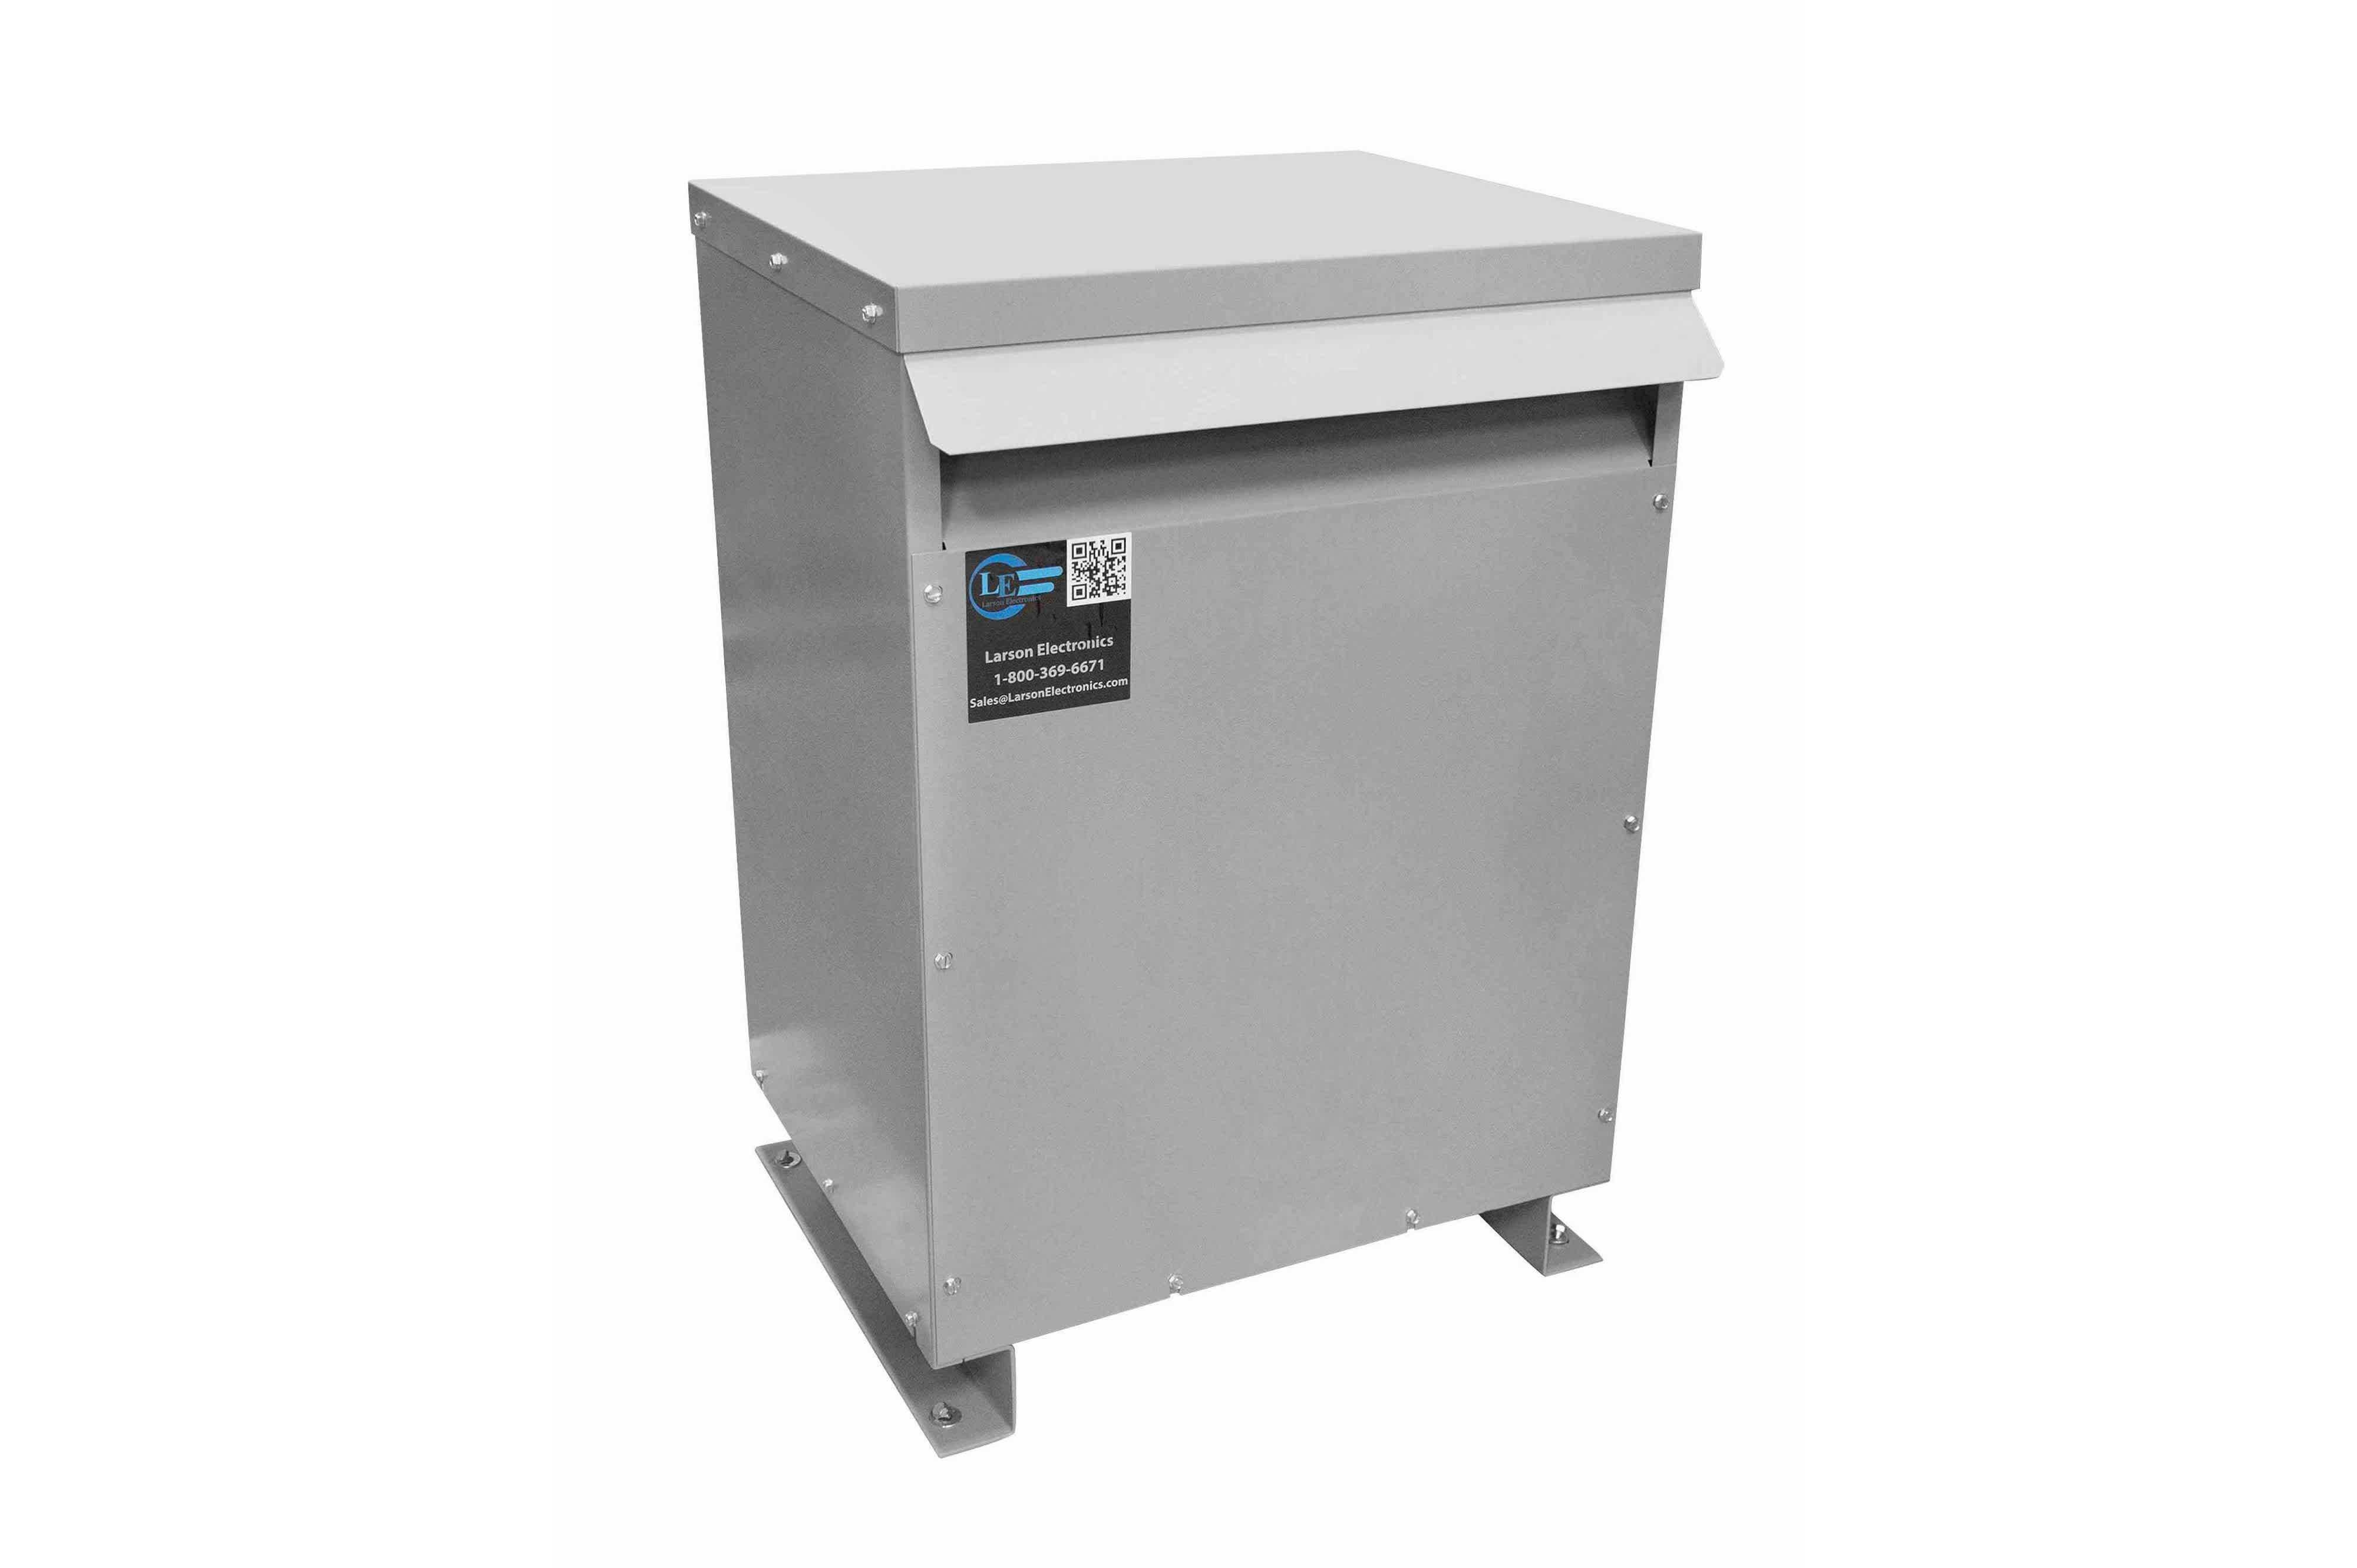 42.5 kVA 3PH Isolation Transformer, 480V Delta Primary, 415V Delta Secondary, N3R, Ventilated, 60 Hz